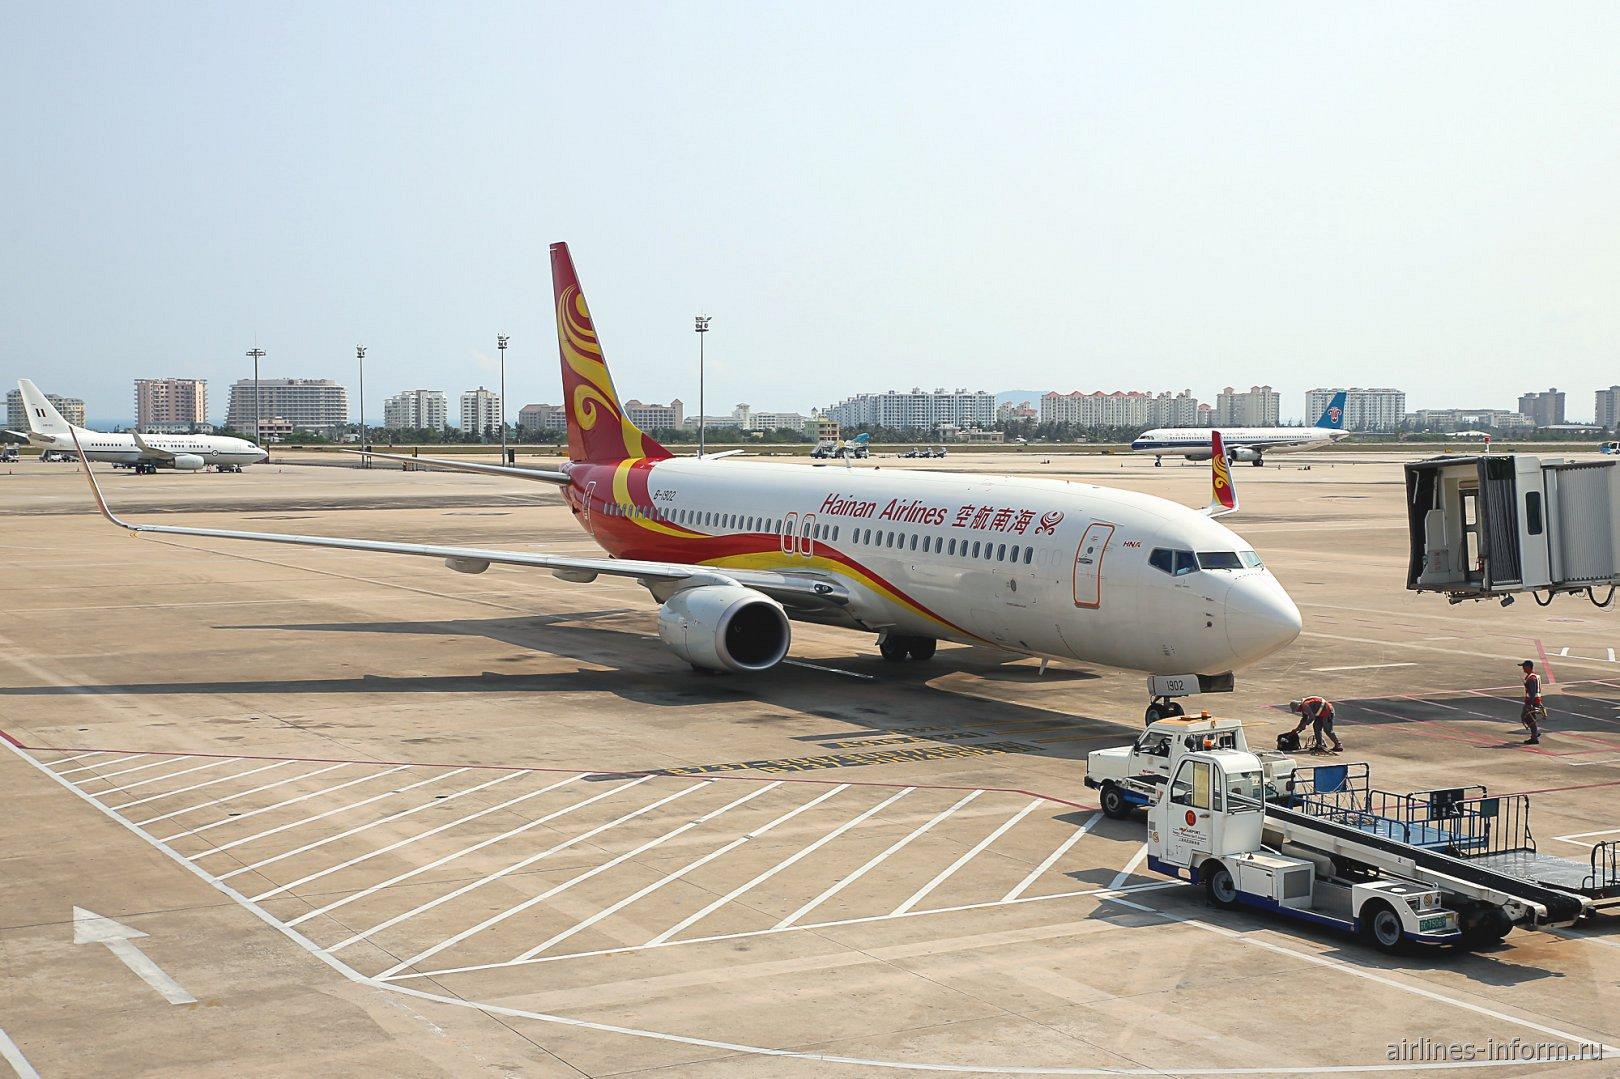 Боинг-737-800 авиакомпании Hainan Airlines в аэропорту Санья Феникс